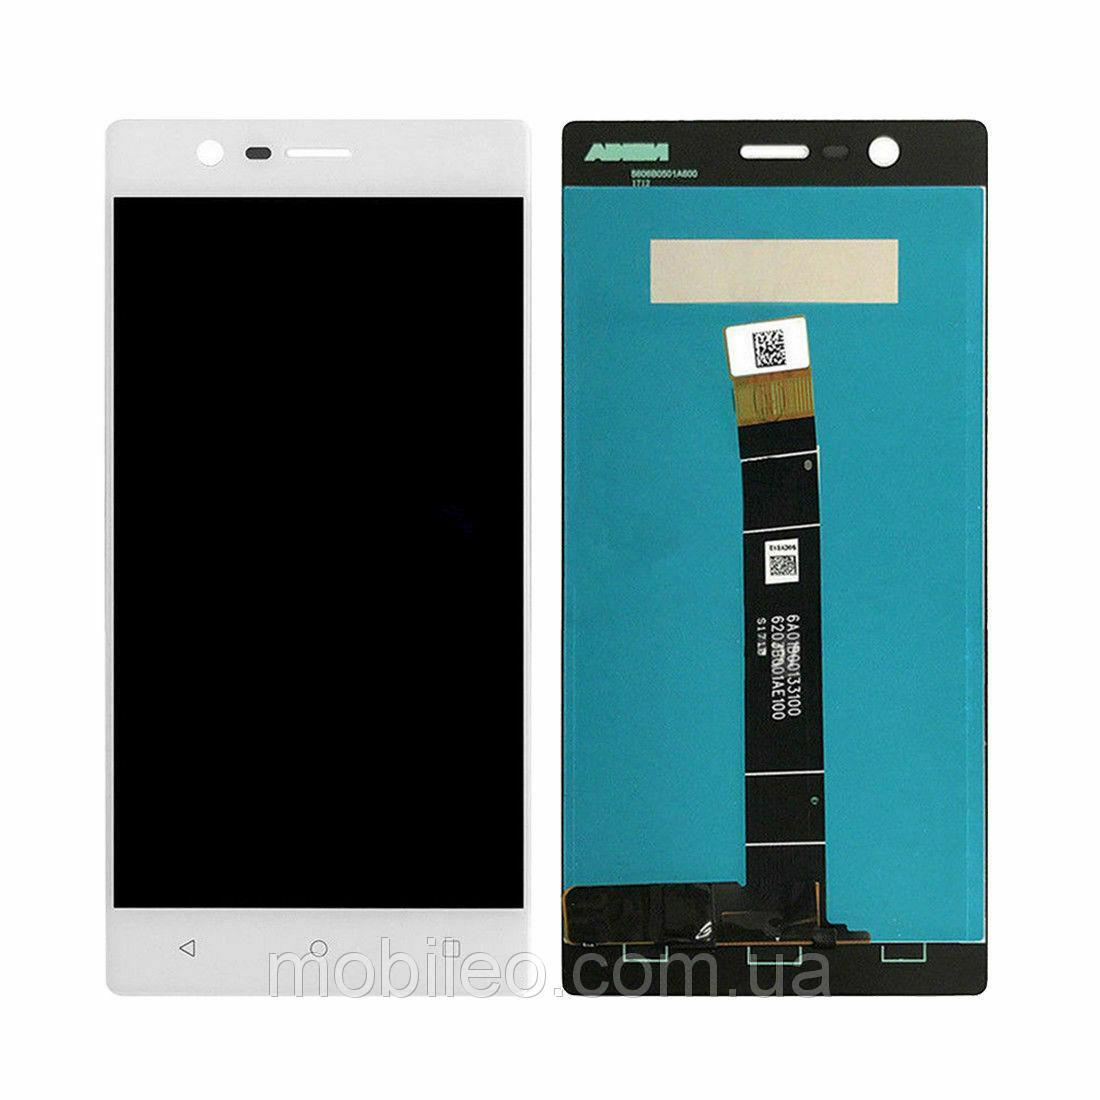 Дисплей (LCD) Nokia 3 Dual Sim   TA-1020   TA-1028   TA-1032 с тачскрином, белый